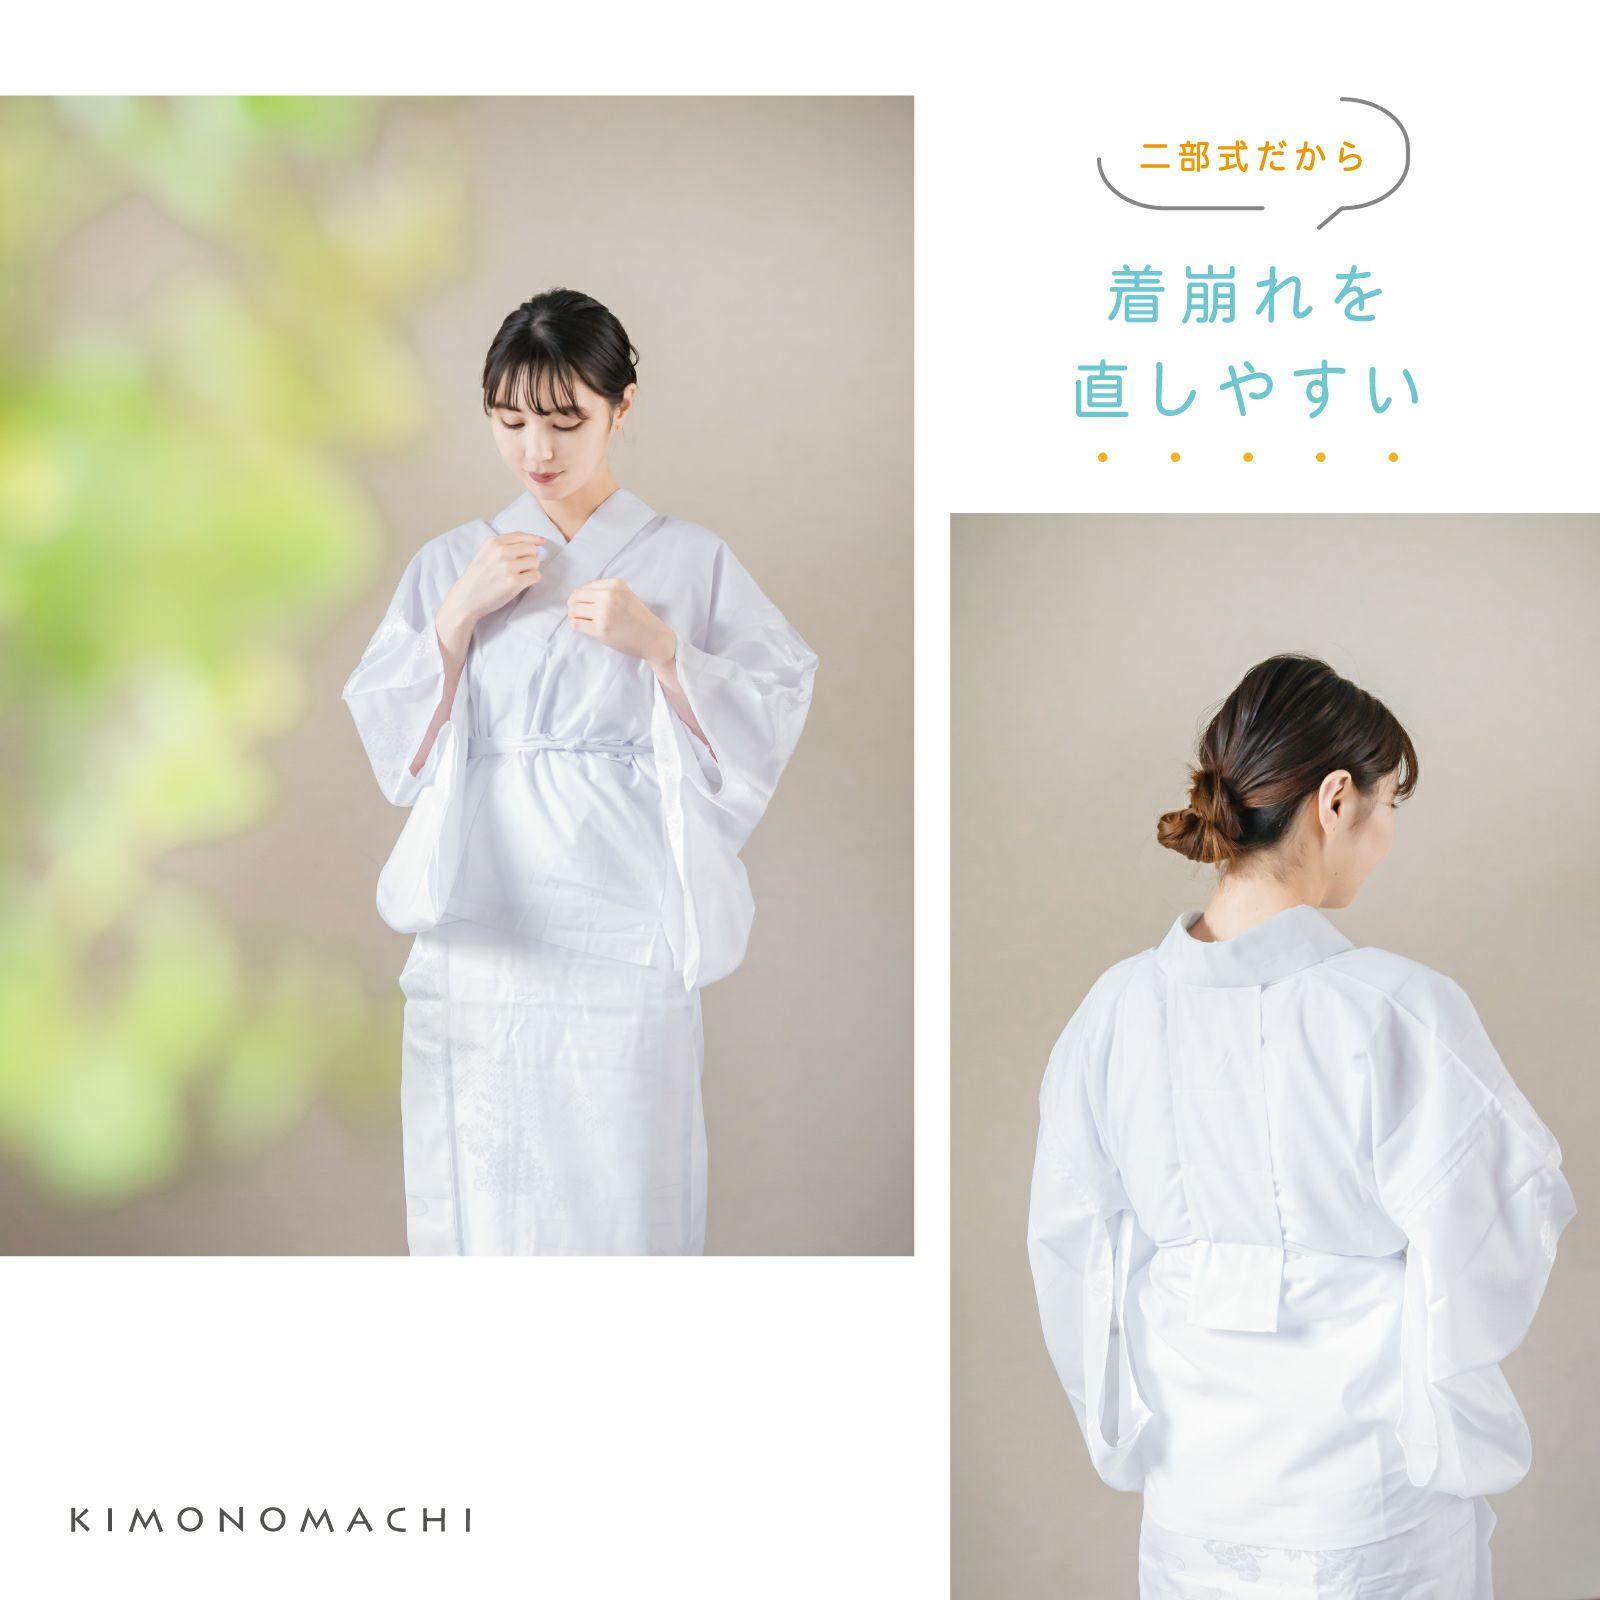 京都きもの町[本店] > 二部式襦袢 から探す |着物通販|留袖